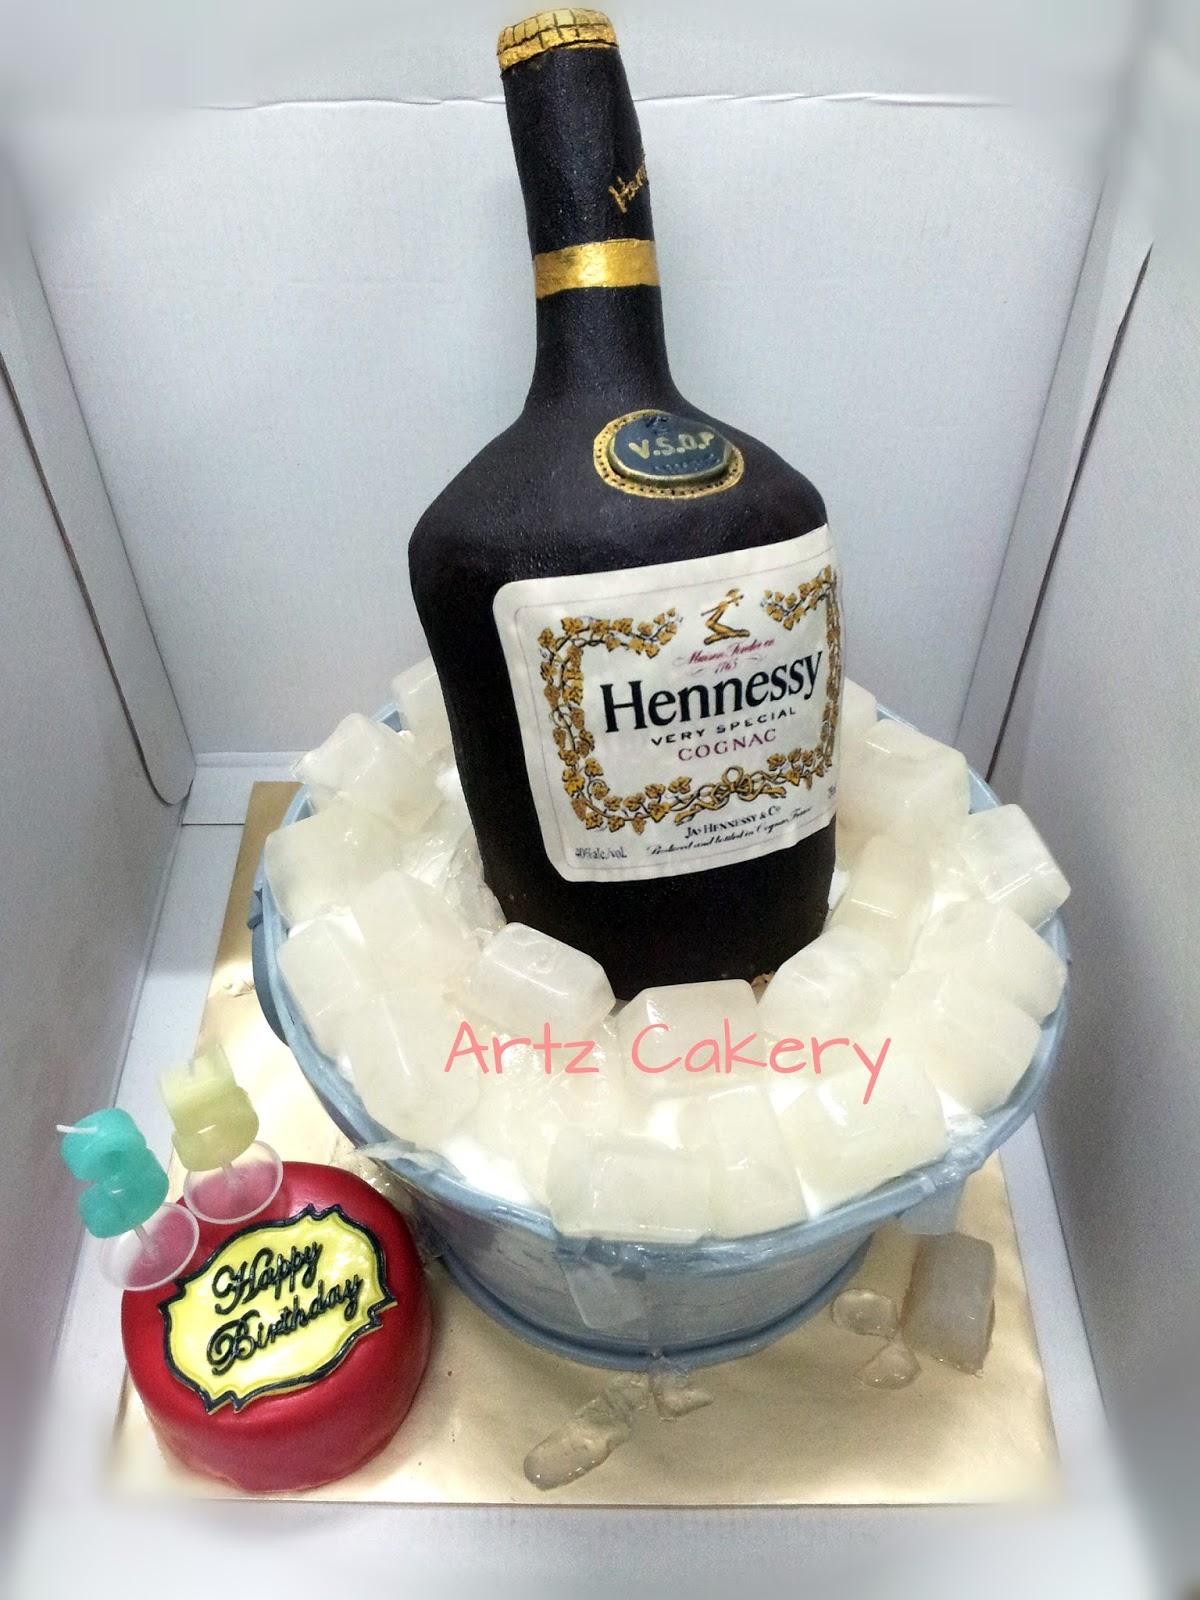 New Artz Cakery: HENNESSY BOTTLE CAKE (all edible) BK95